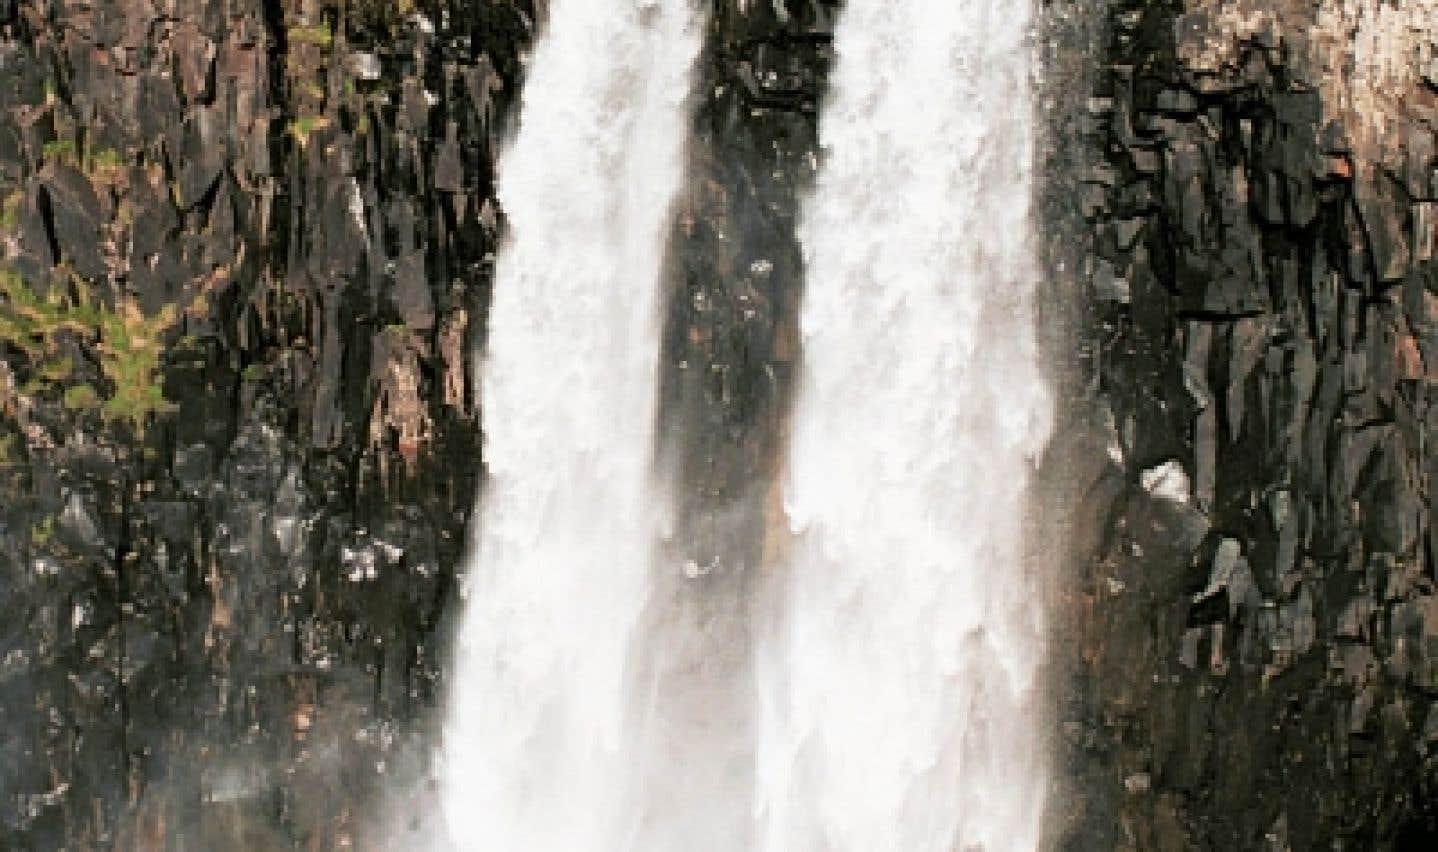 Le plateau de Putorana fait désormais partie du patrimoine mondial